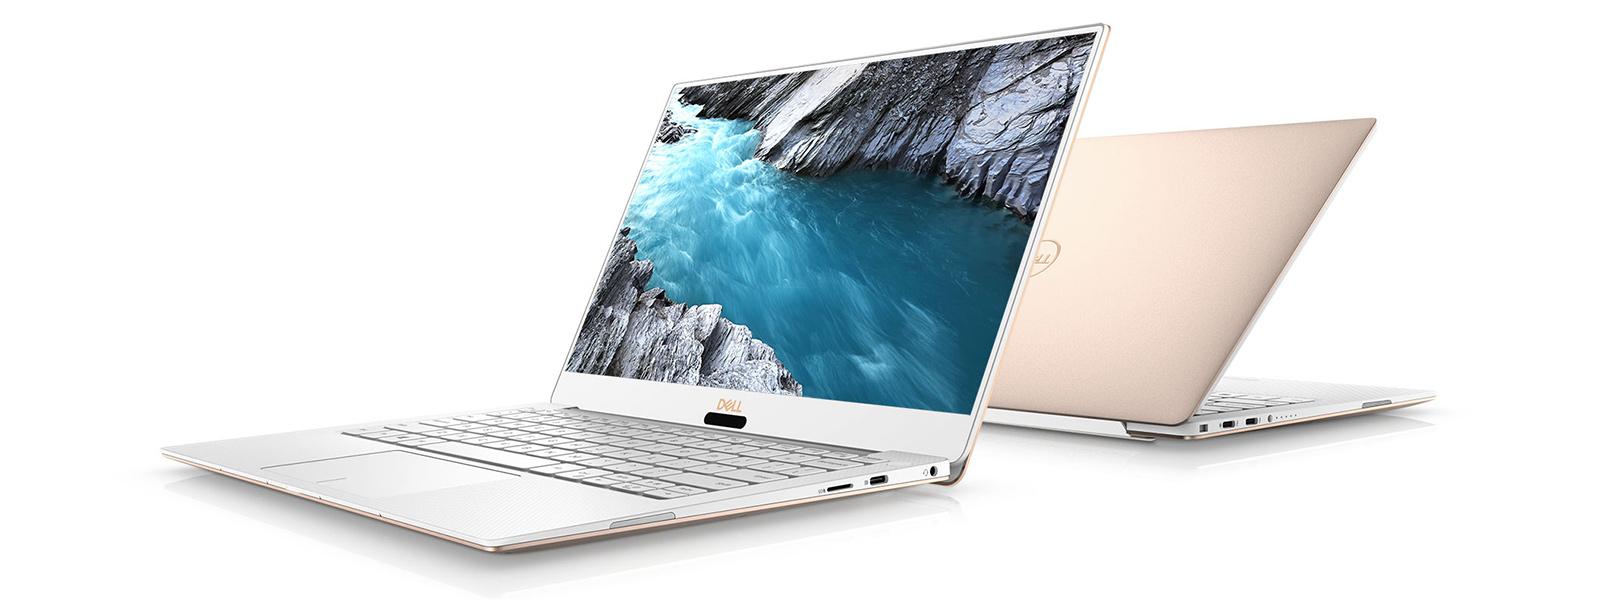 Hoi-dap-laptop-cu-mua-o-dau-uy-tin2